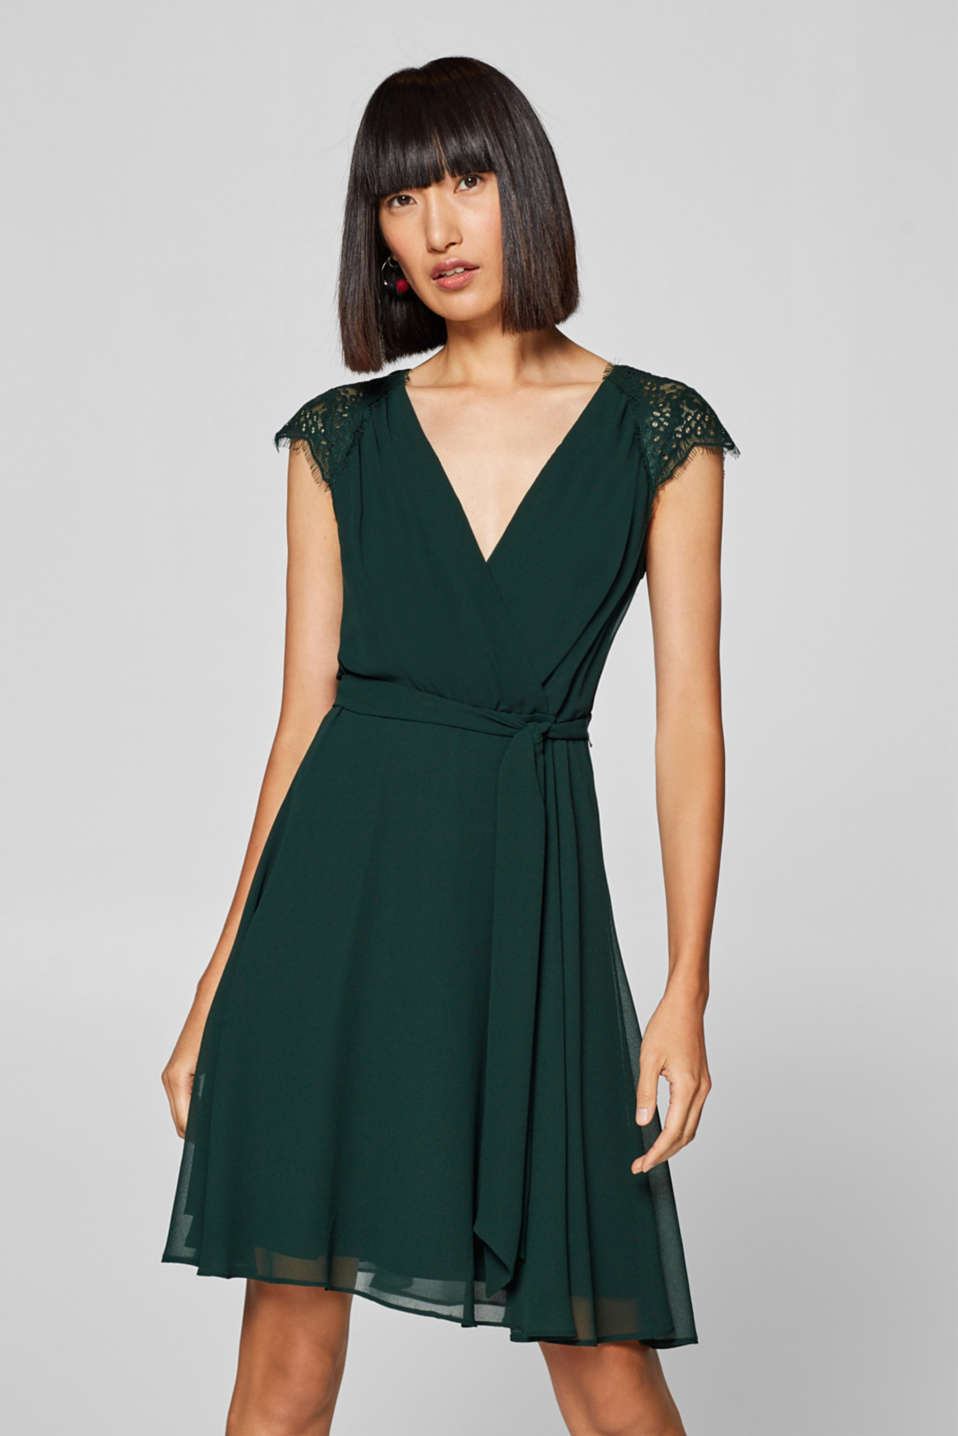 Esprit - Chiffon-Kleid mit Spitze im Online Shop kaufen